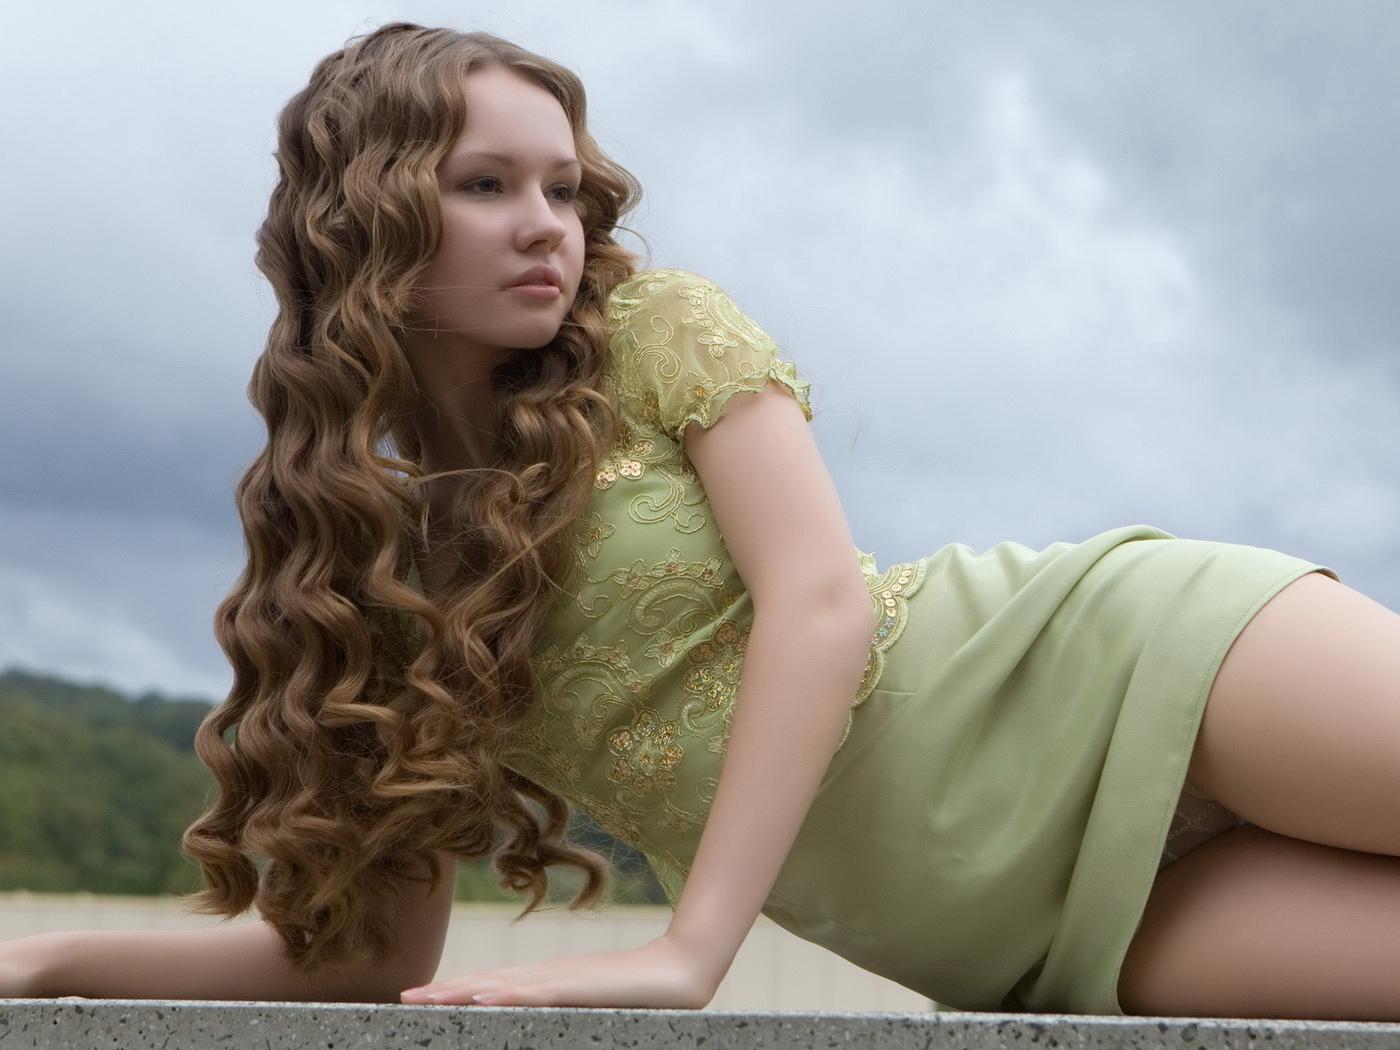 длинные волосы, красотка, лежит, молодая, ножки, платье, трусики, шатенка